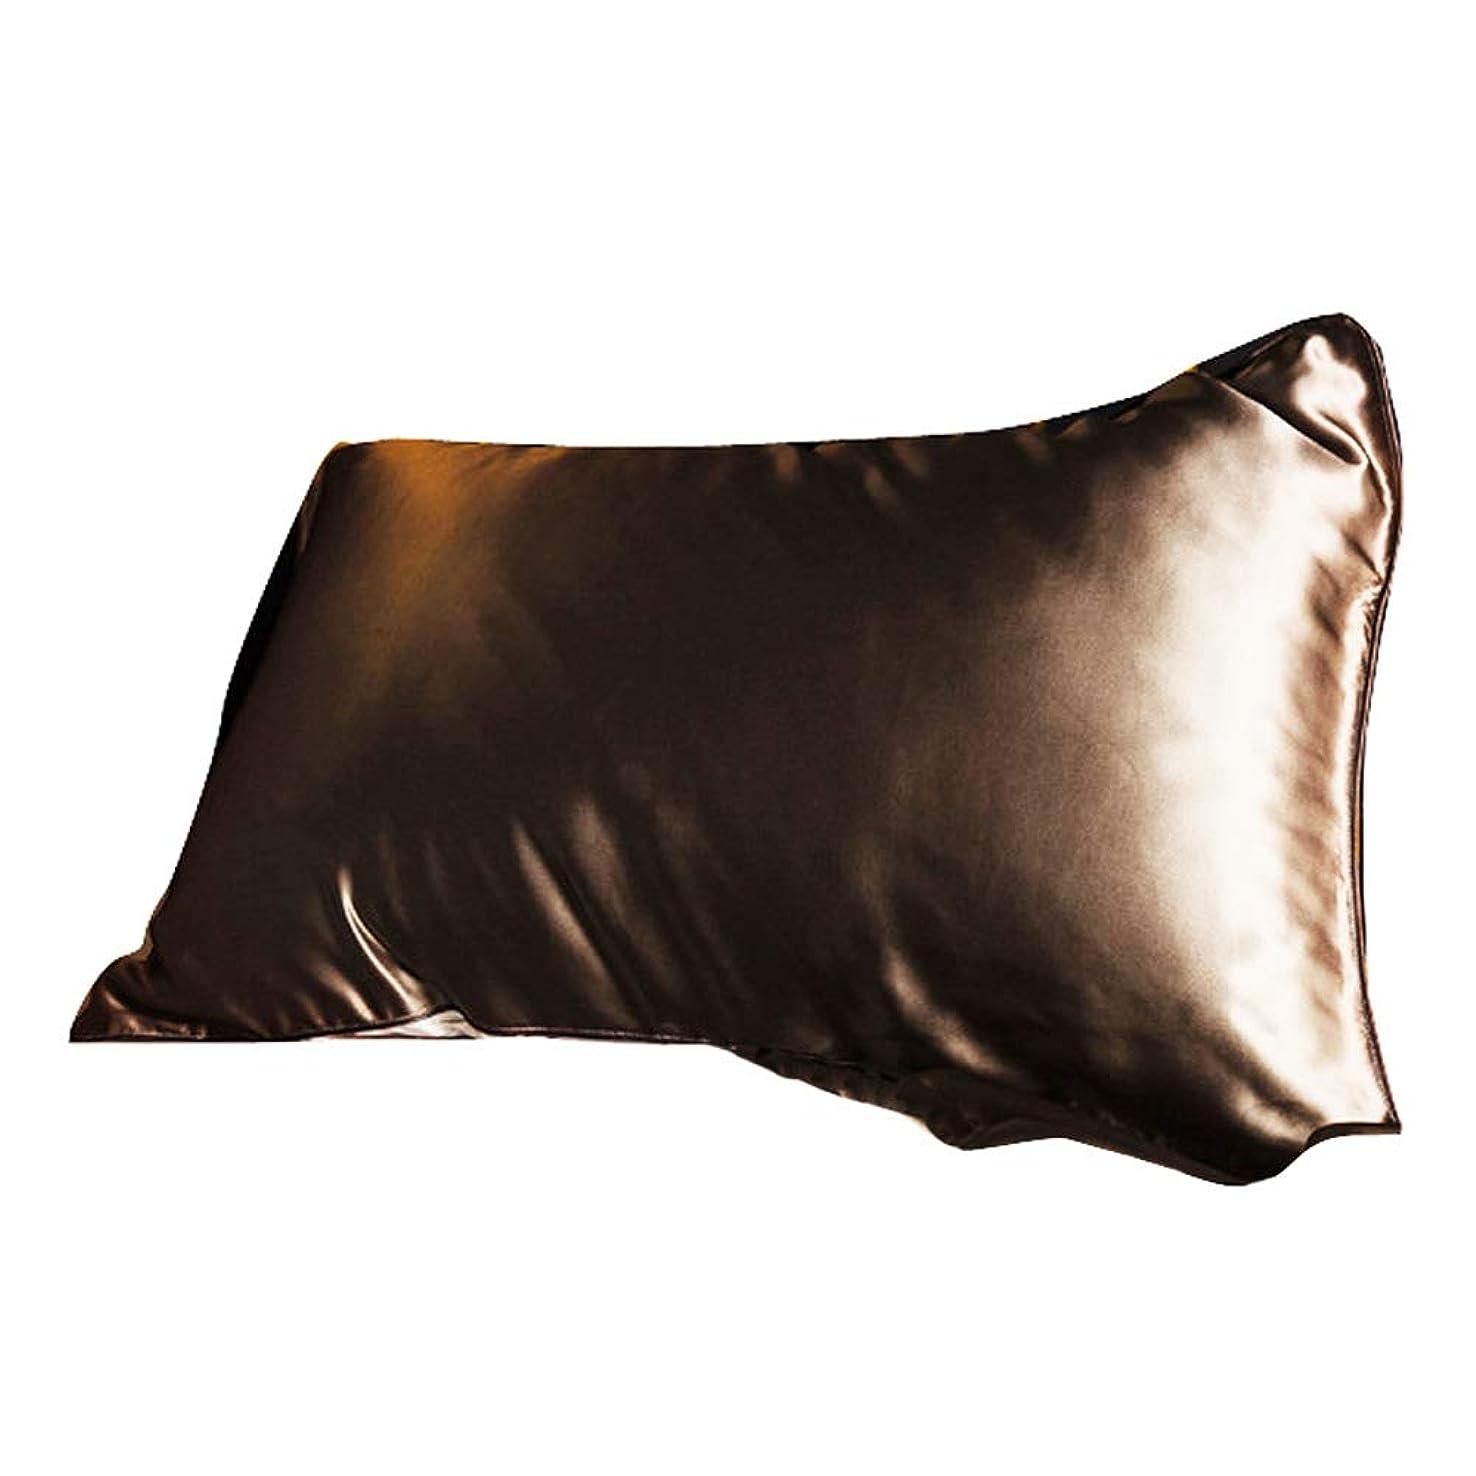 ブレースけがをするバンドGaorui(ガオルイ) 枕カバー 100%シルク 19匁 まくらカバー 柔らかい 美肌 美髪 肌に優しい シンプルスタイル 48x74cm 8色選べる ブラウン